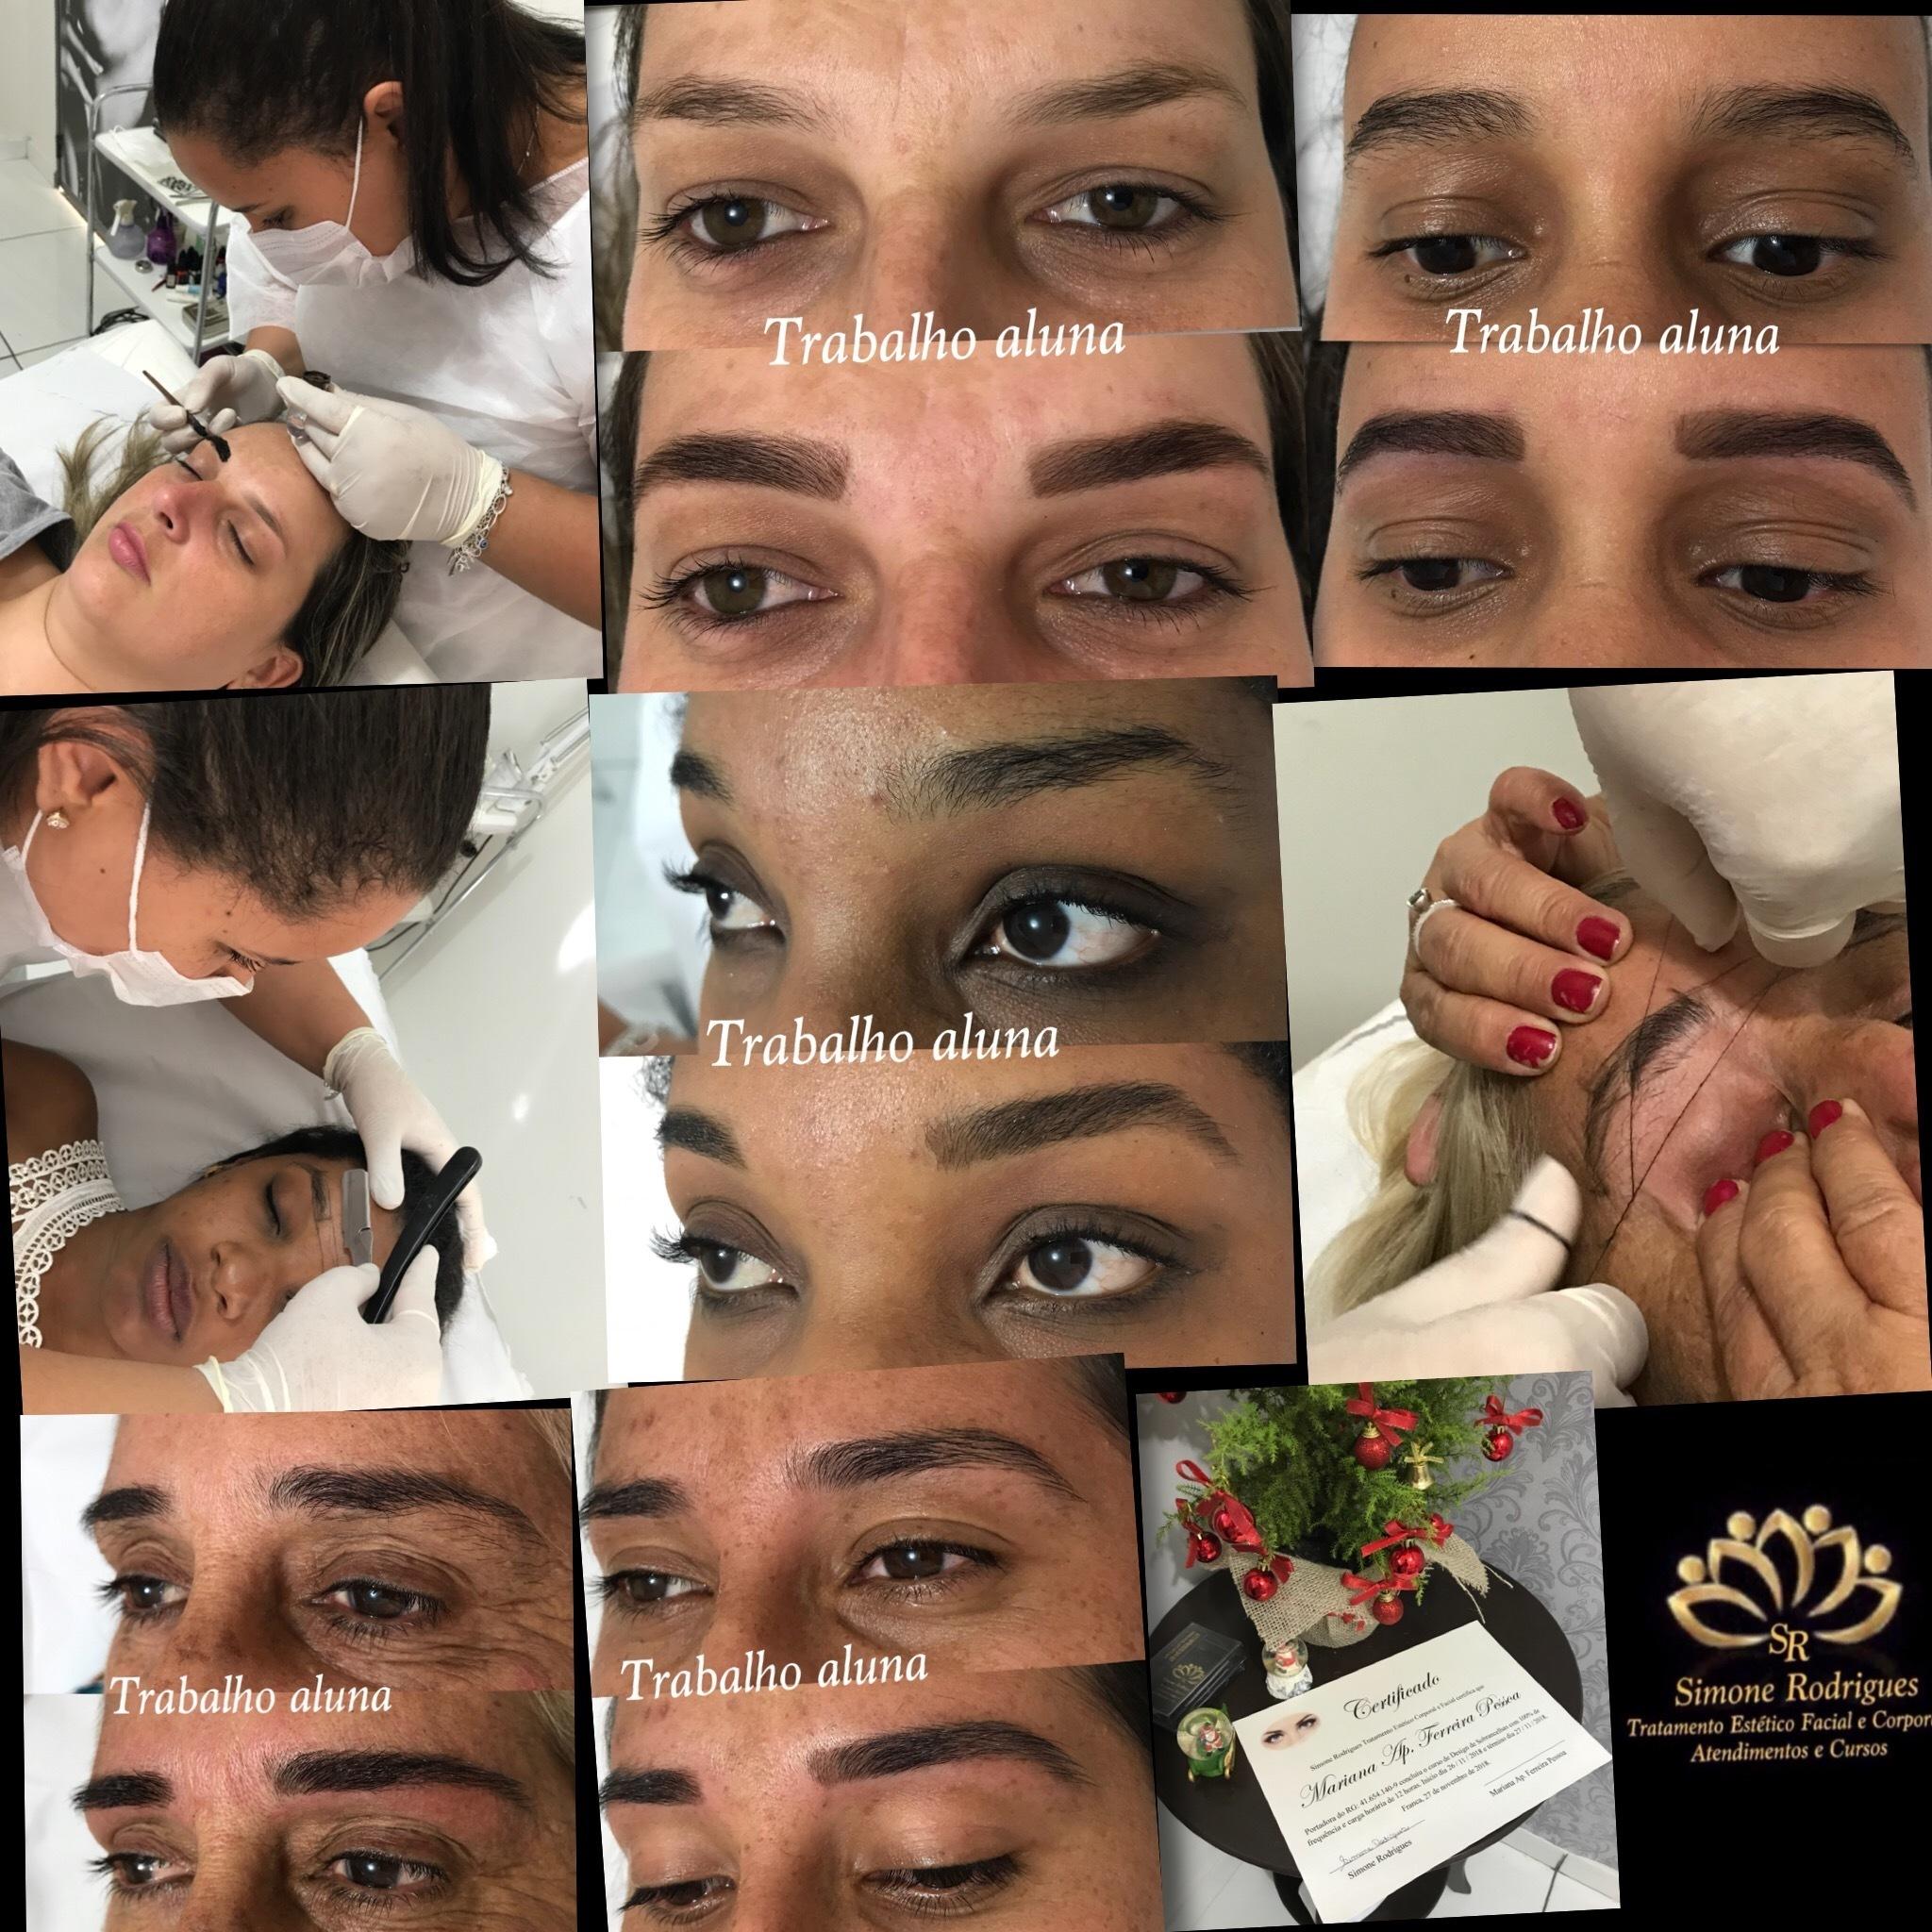 Curso Perfect Desing concluído... Aluna arrasou, fez um lindo trabalho...👏🏻🏆 estética designer de sobrancelhas esteticista depilador(a) micropigmentador(a)